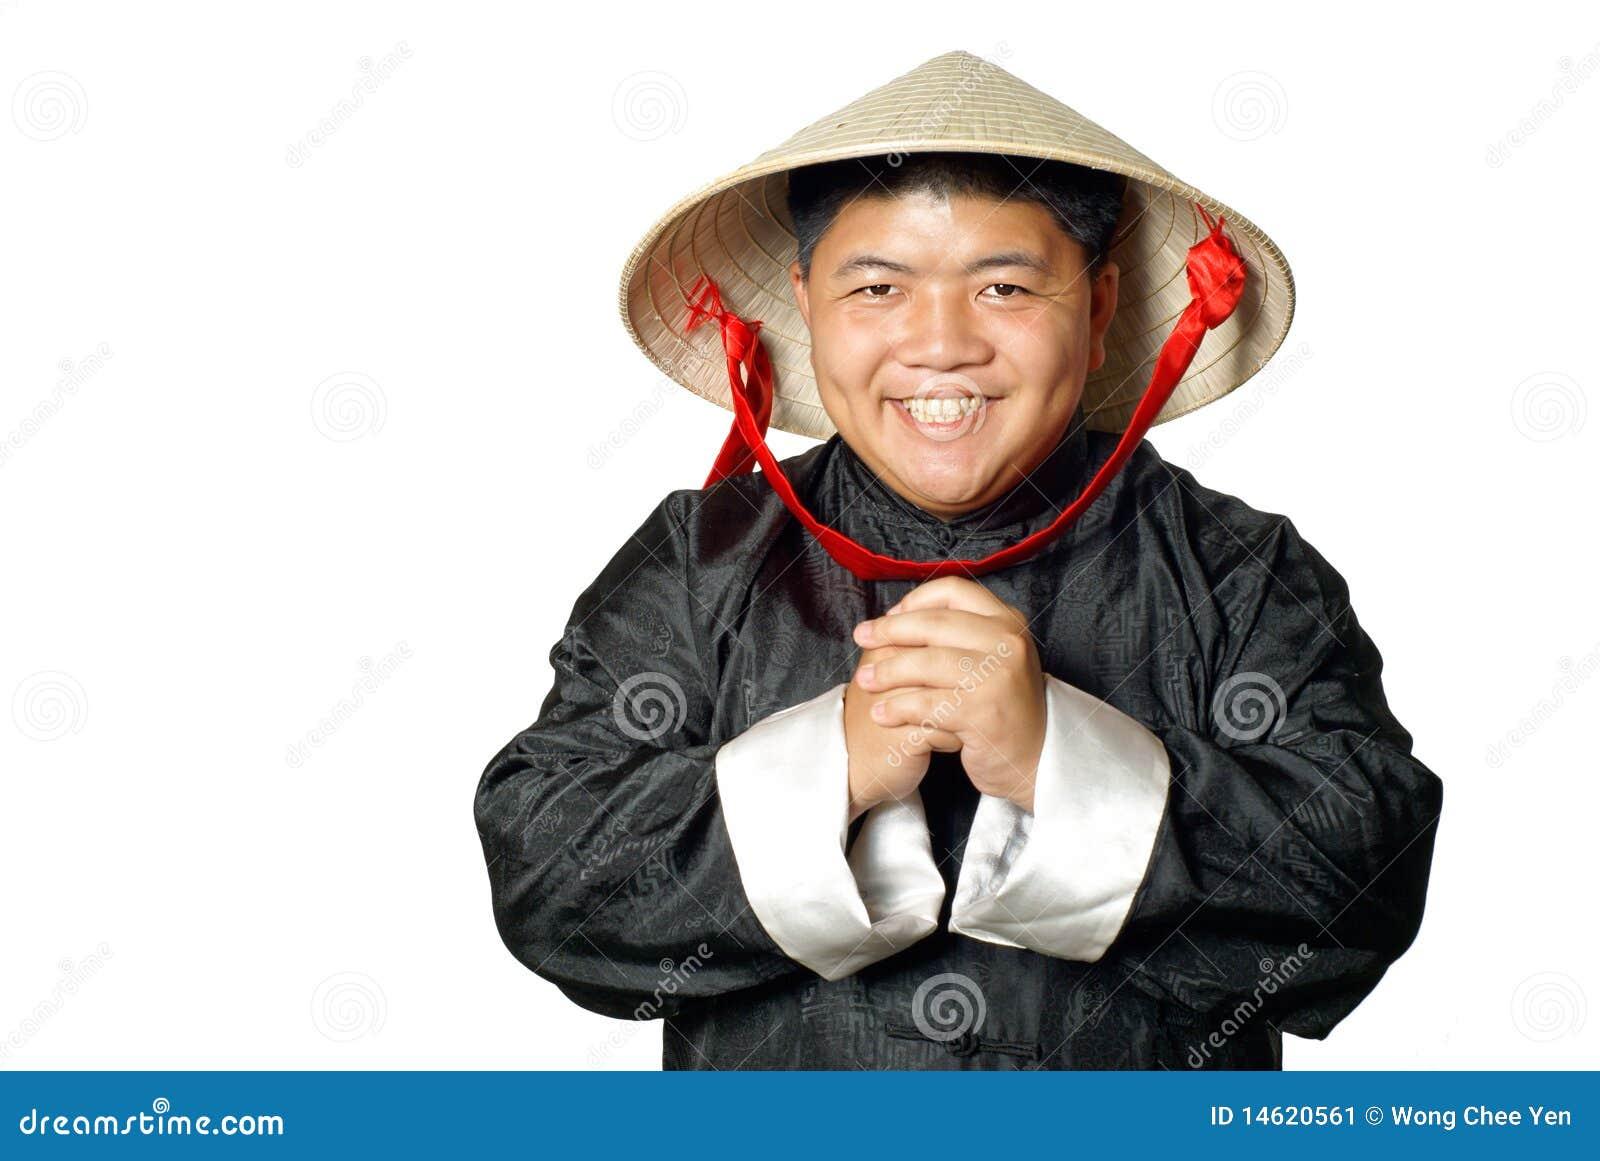 Как сделать азиата злым